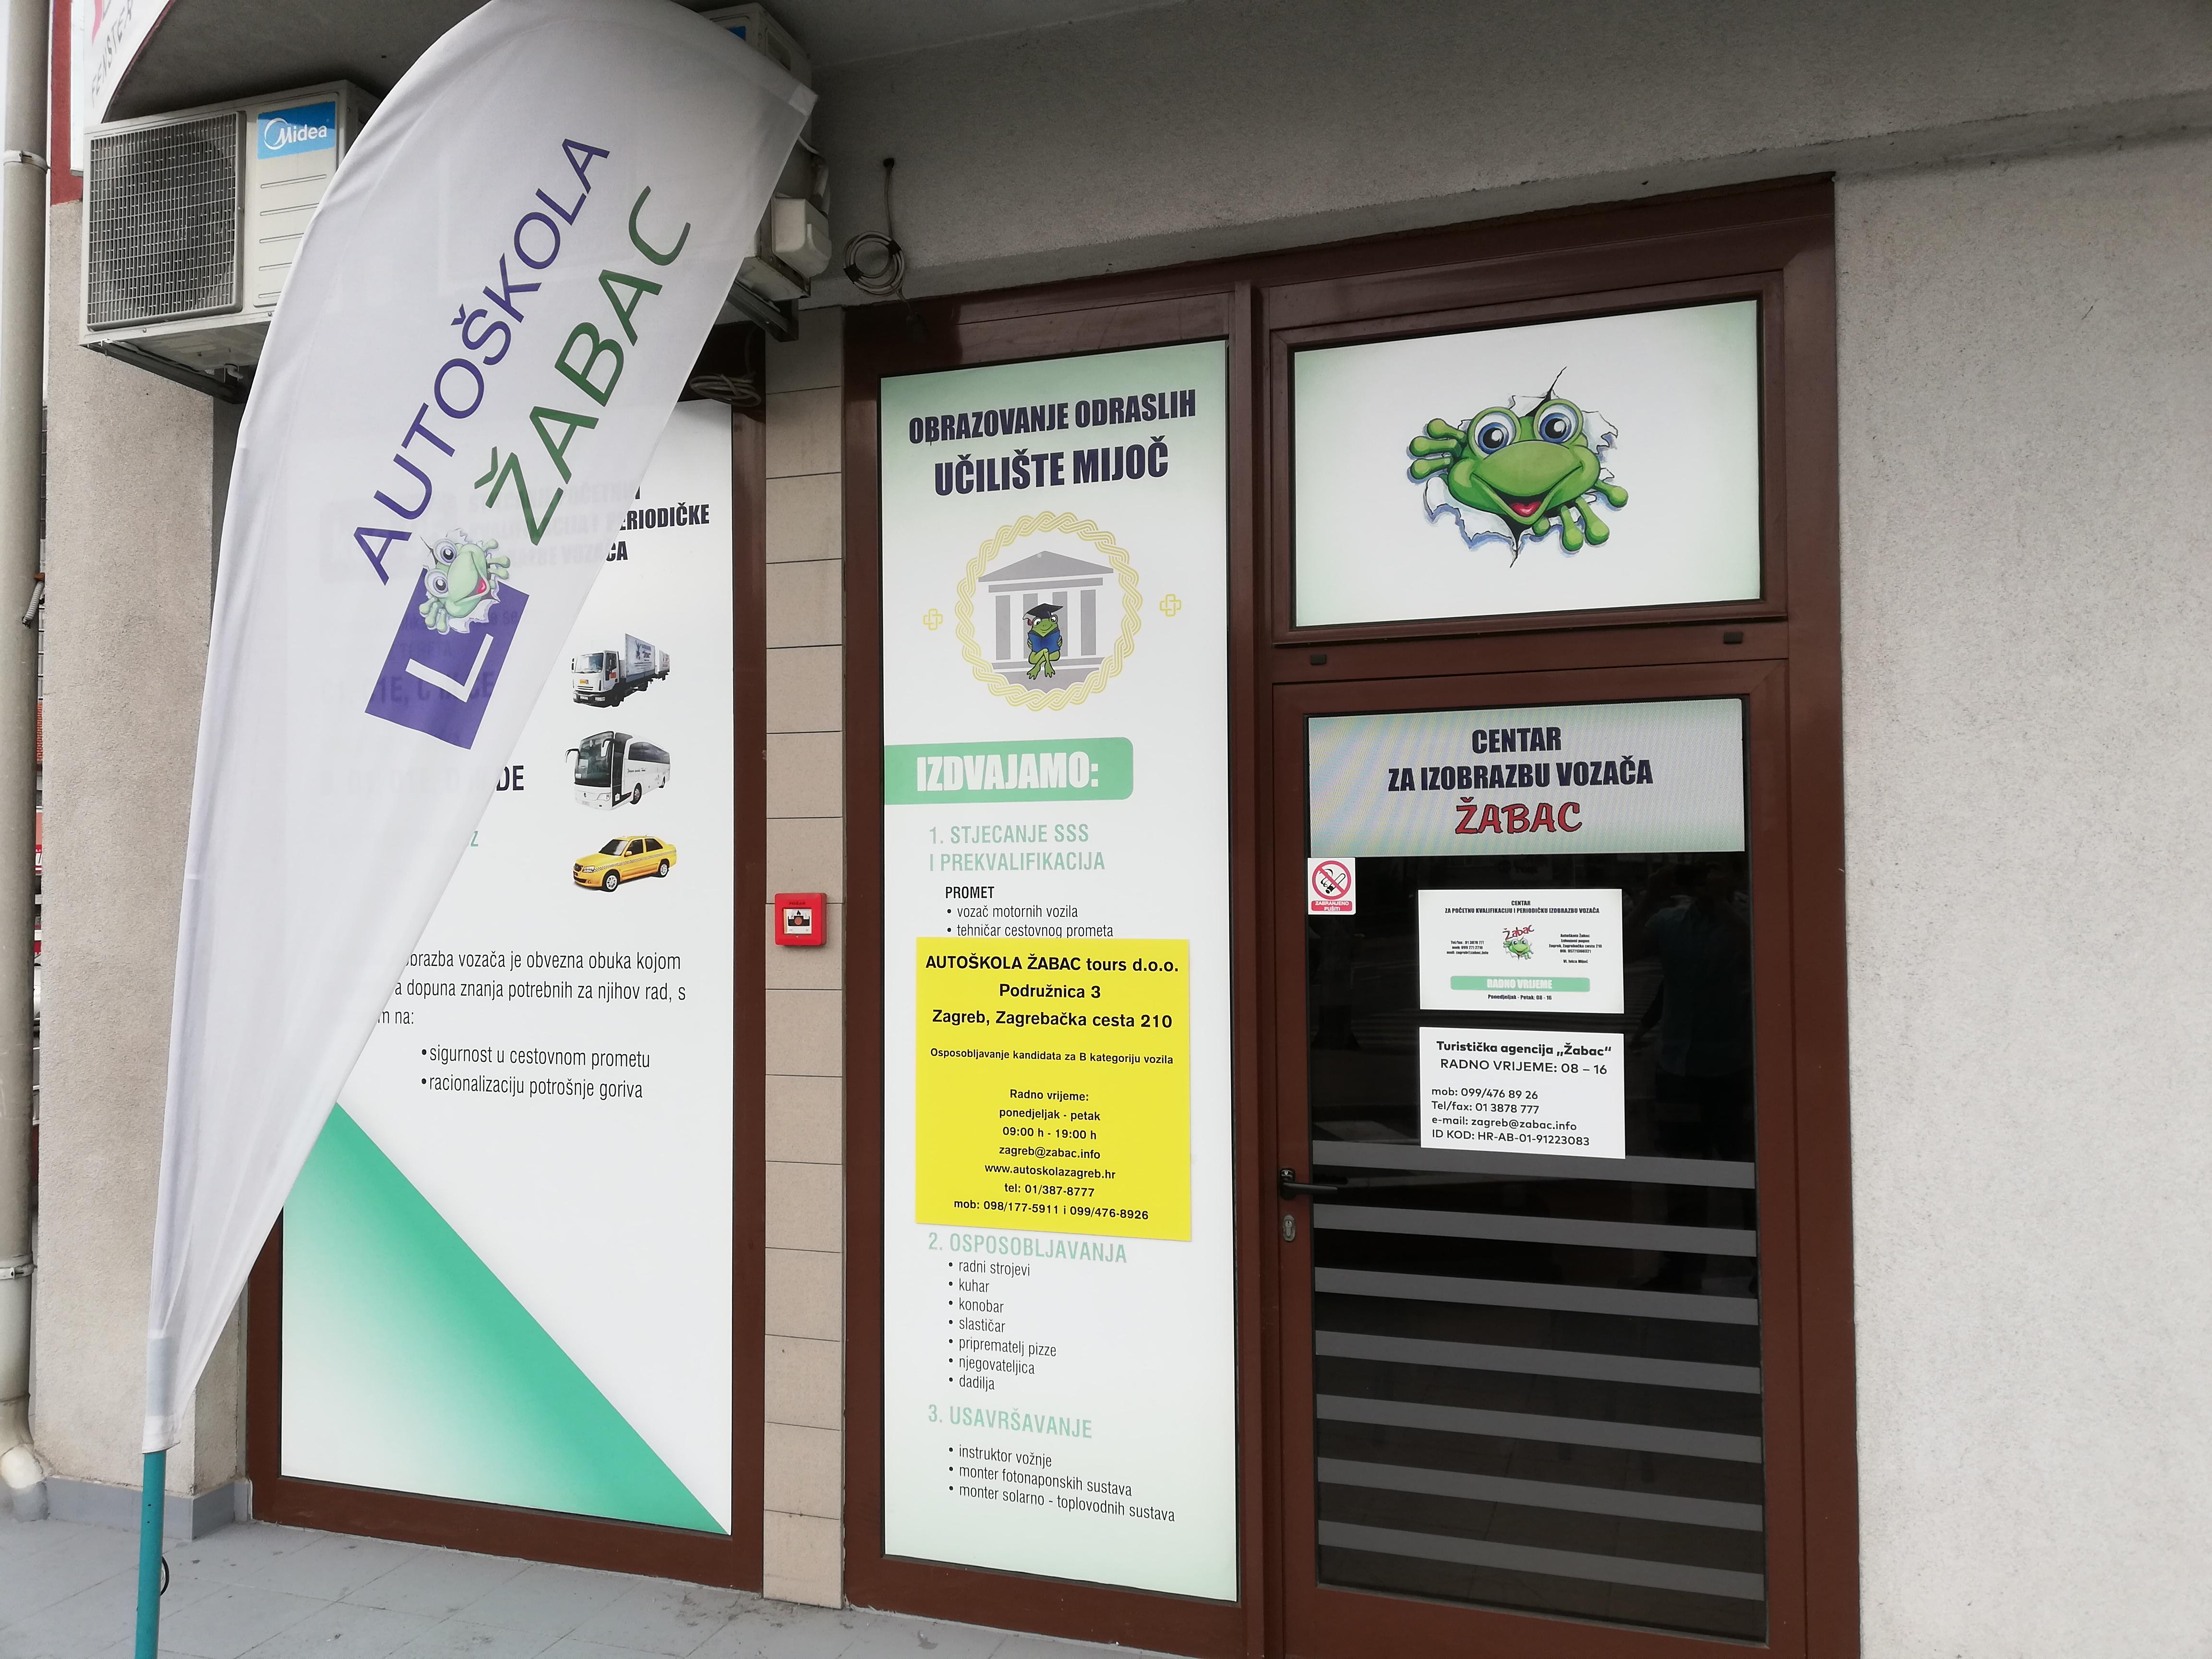 Autoškola Žabac, Zagrebačka cesta 210